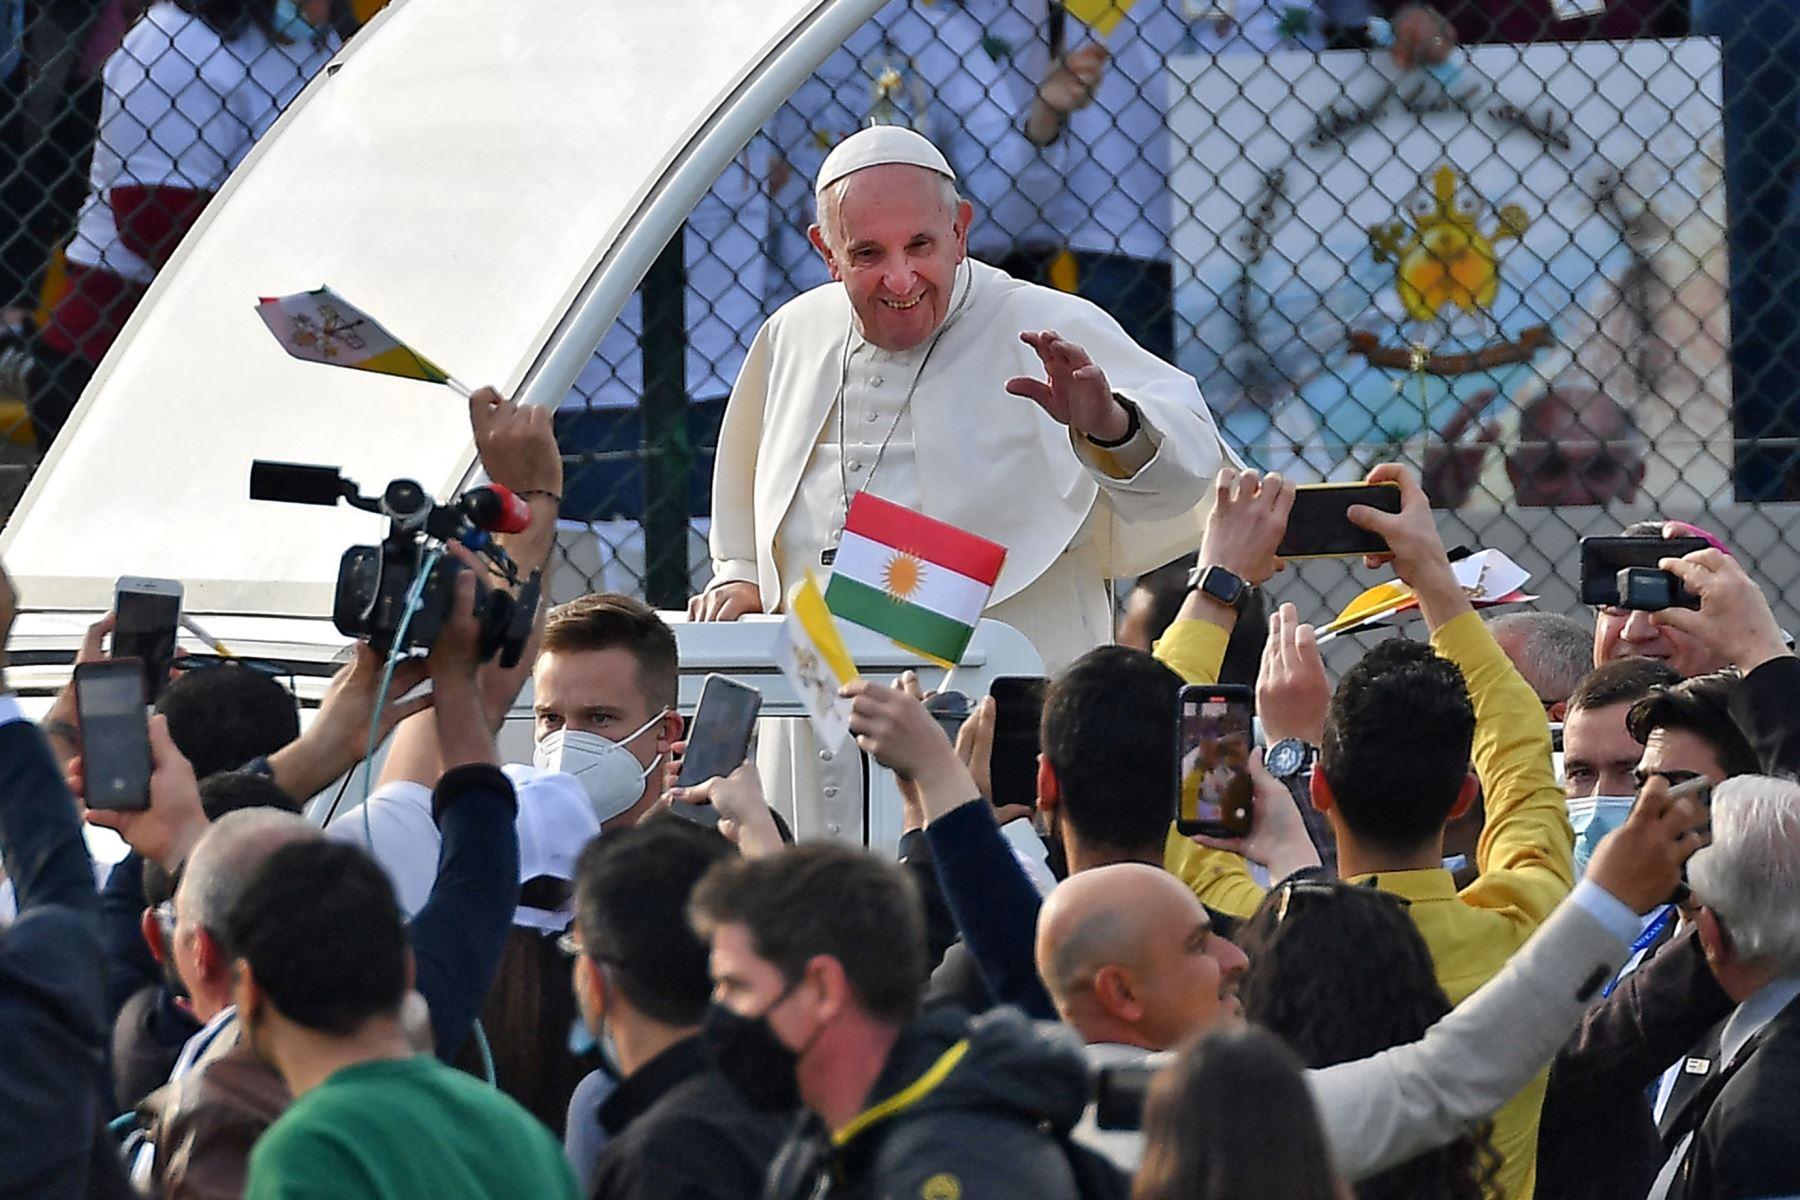 El Papa Francisco bendice a las personas cuando llega en el vehículo papamóvil al Estadio Franso Hariri, en la capital de la región autónoma kurda del norte de Irak.  Foto: AFP